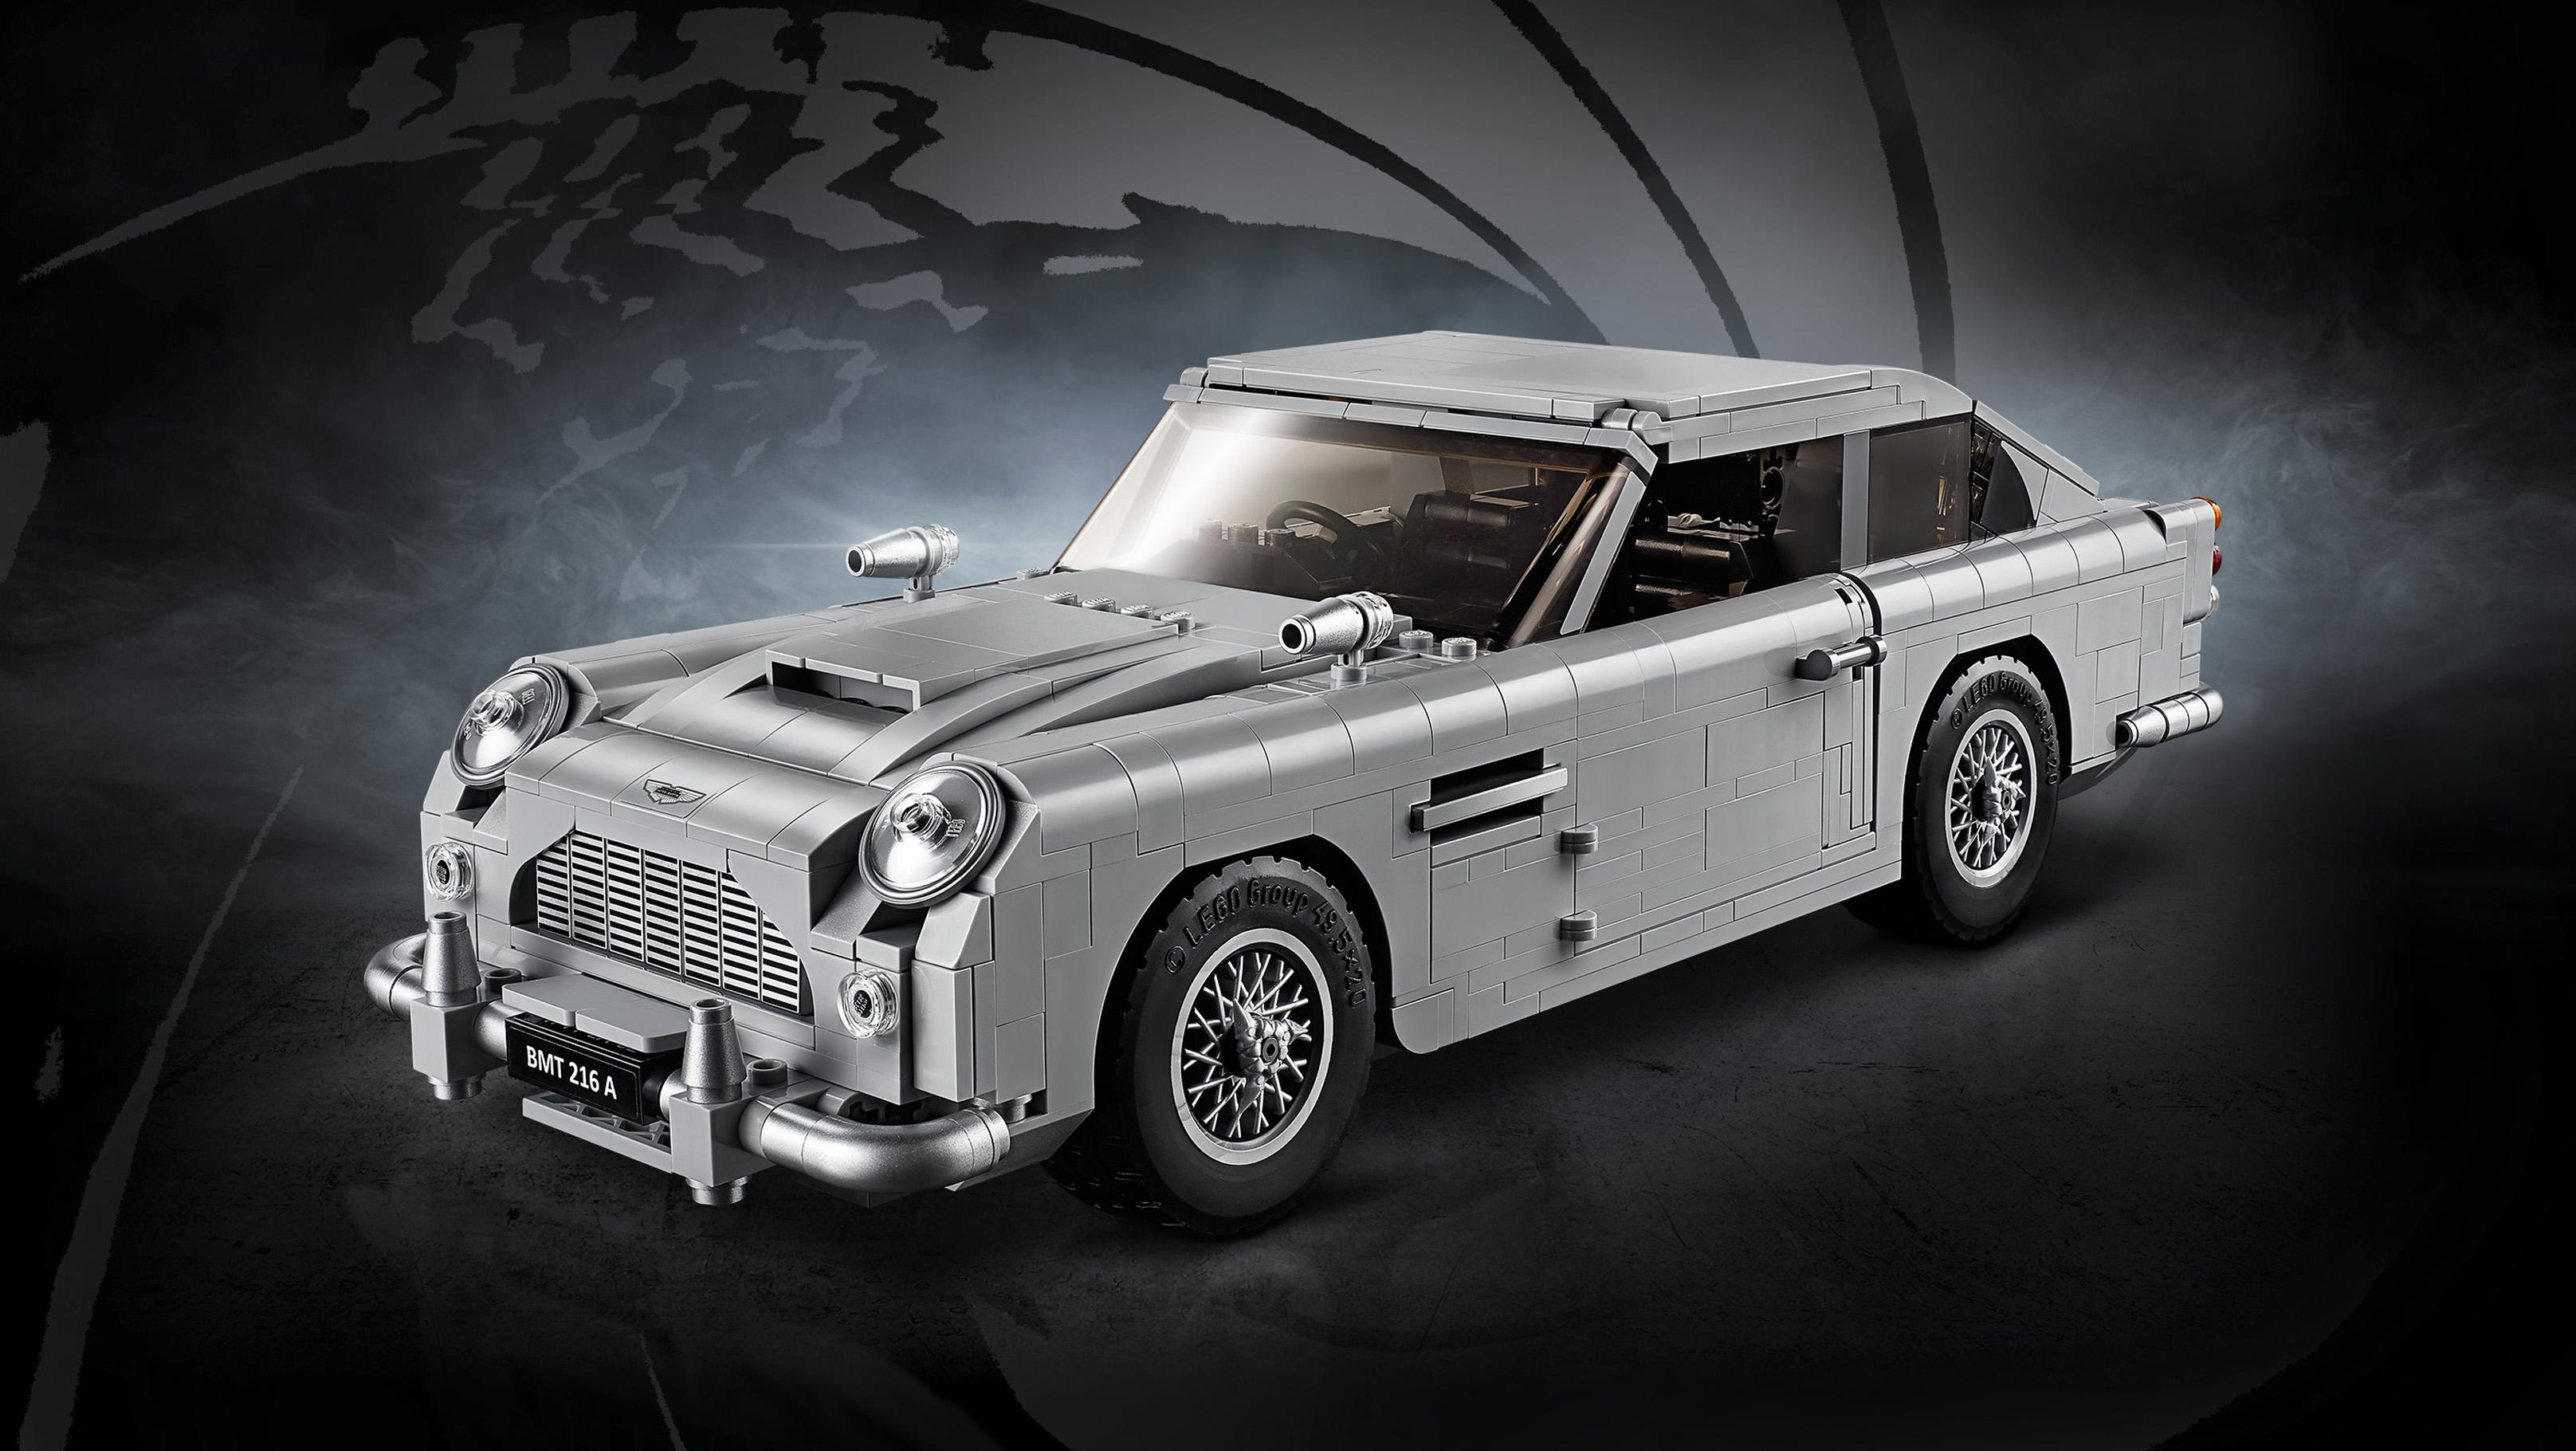 Lego Bond Aston Martin